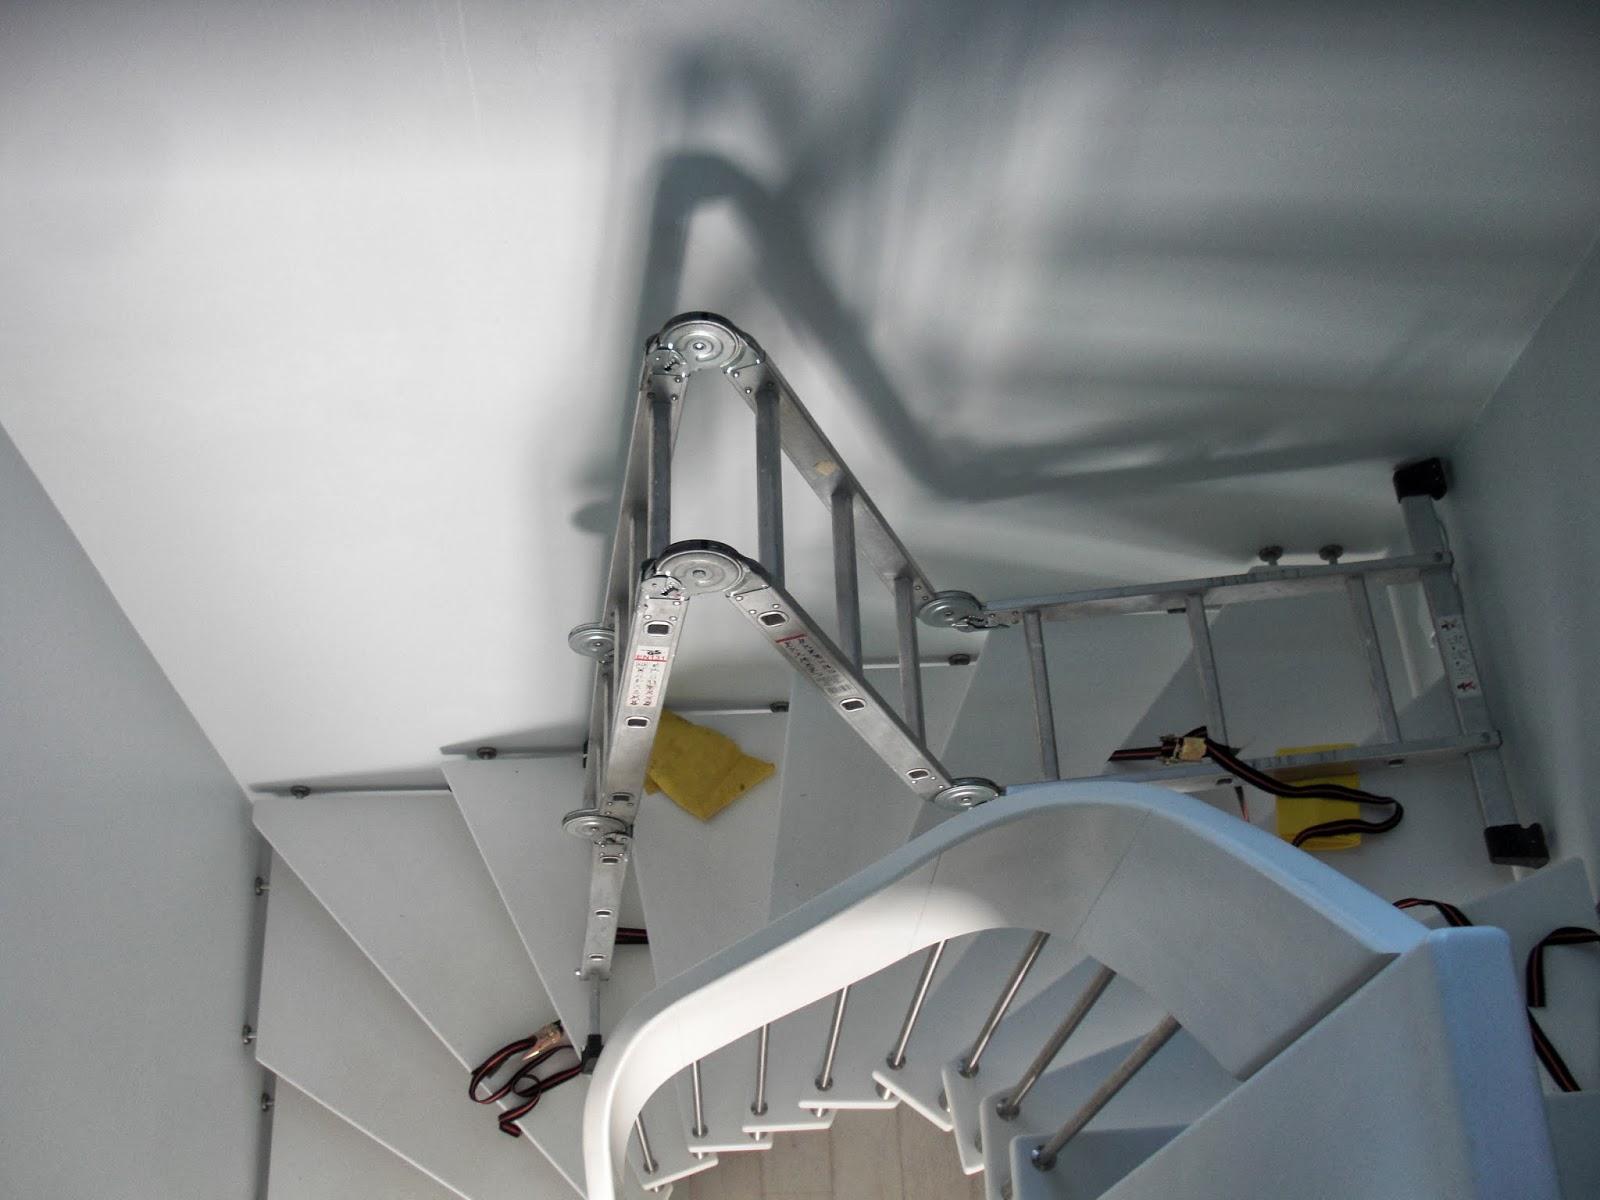 heim elich daredevil fenster putzen ber der treppe. Black Bedroom Furniture Sets. Home Design Ideas